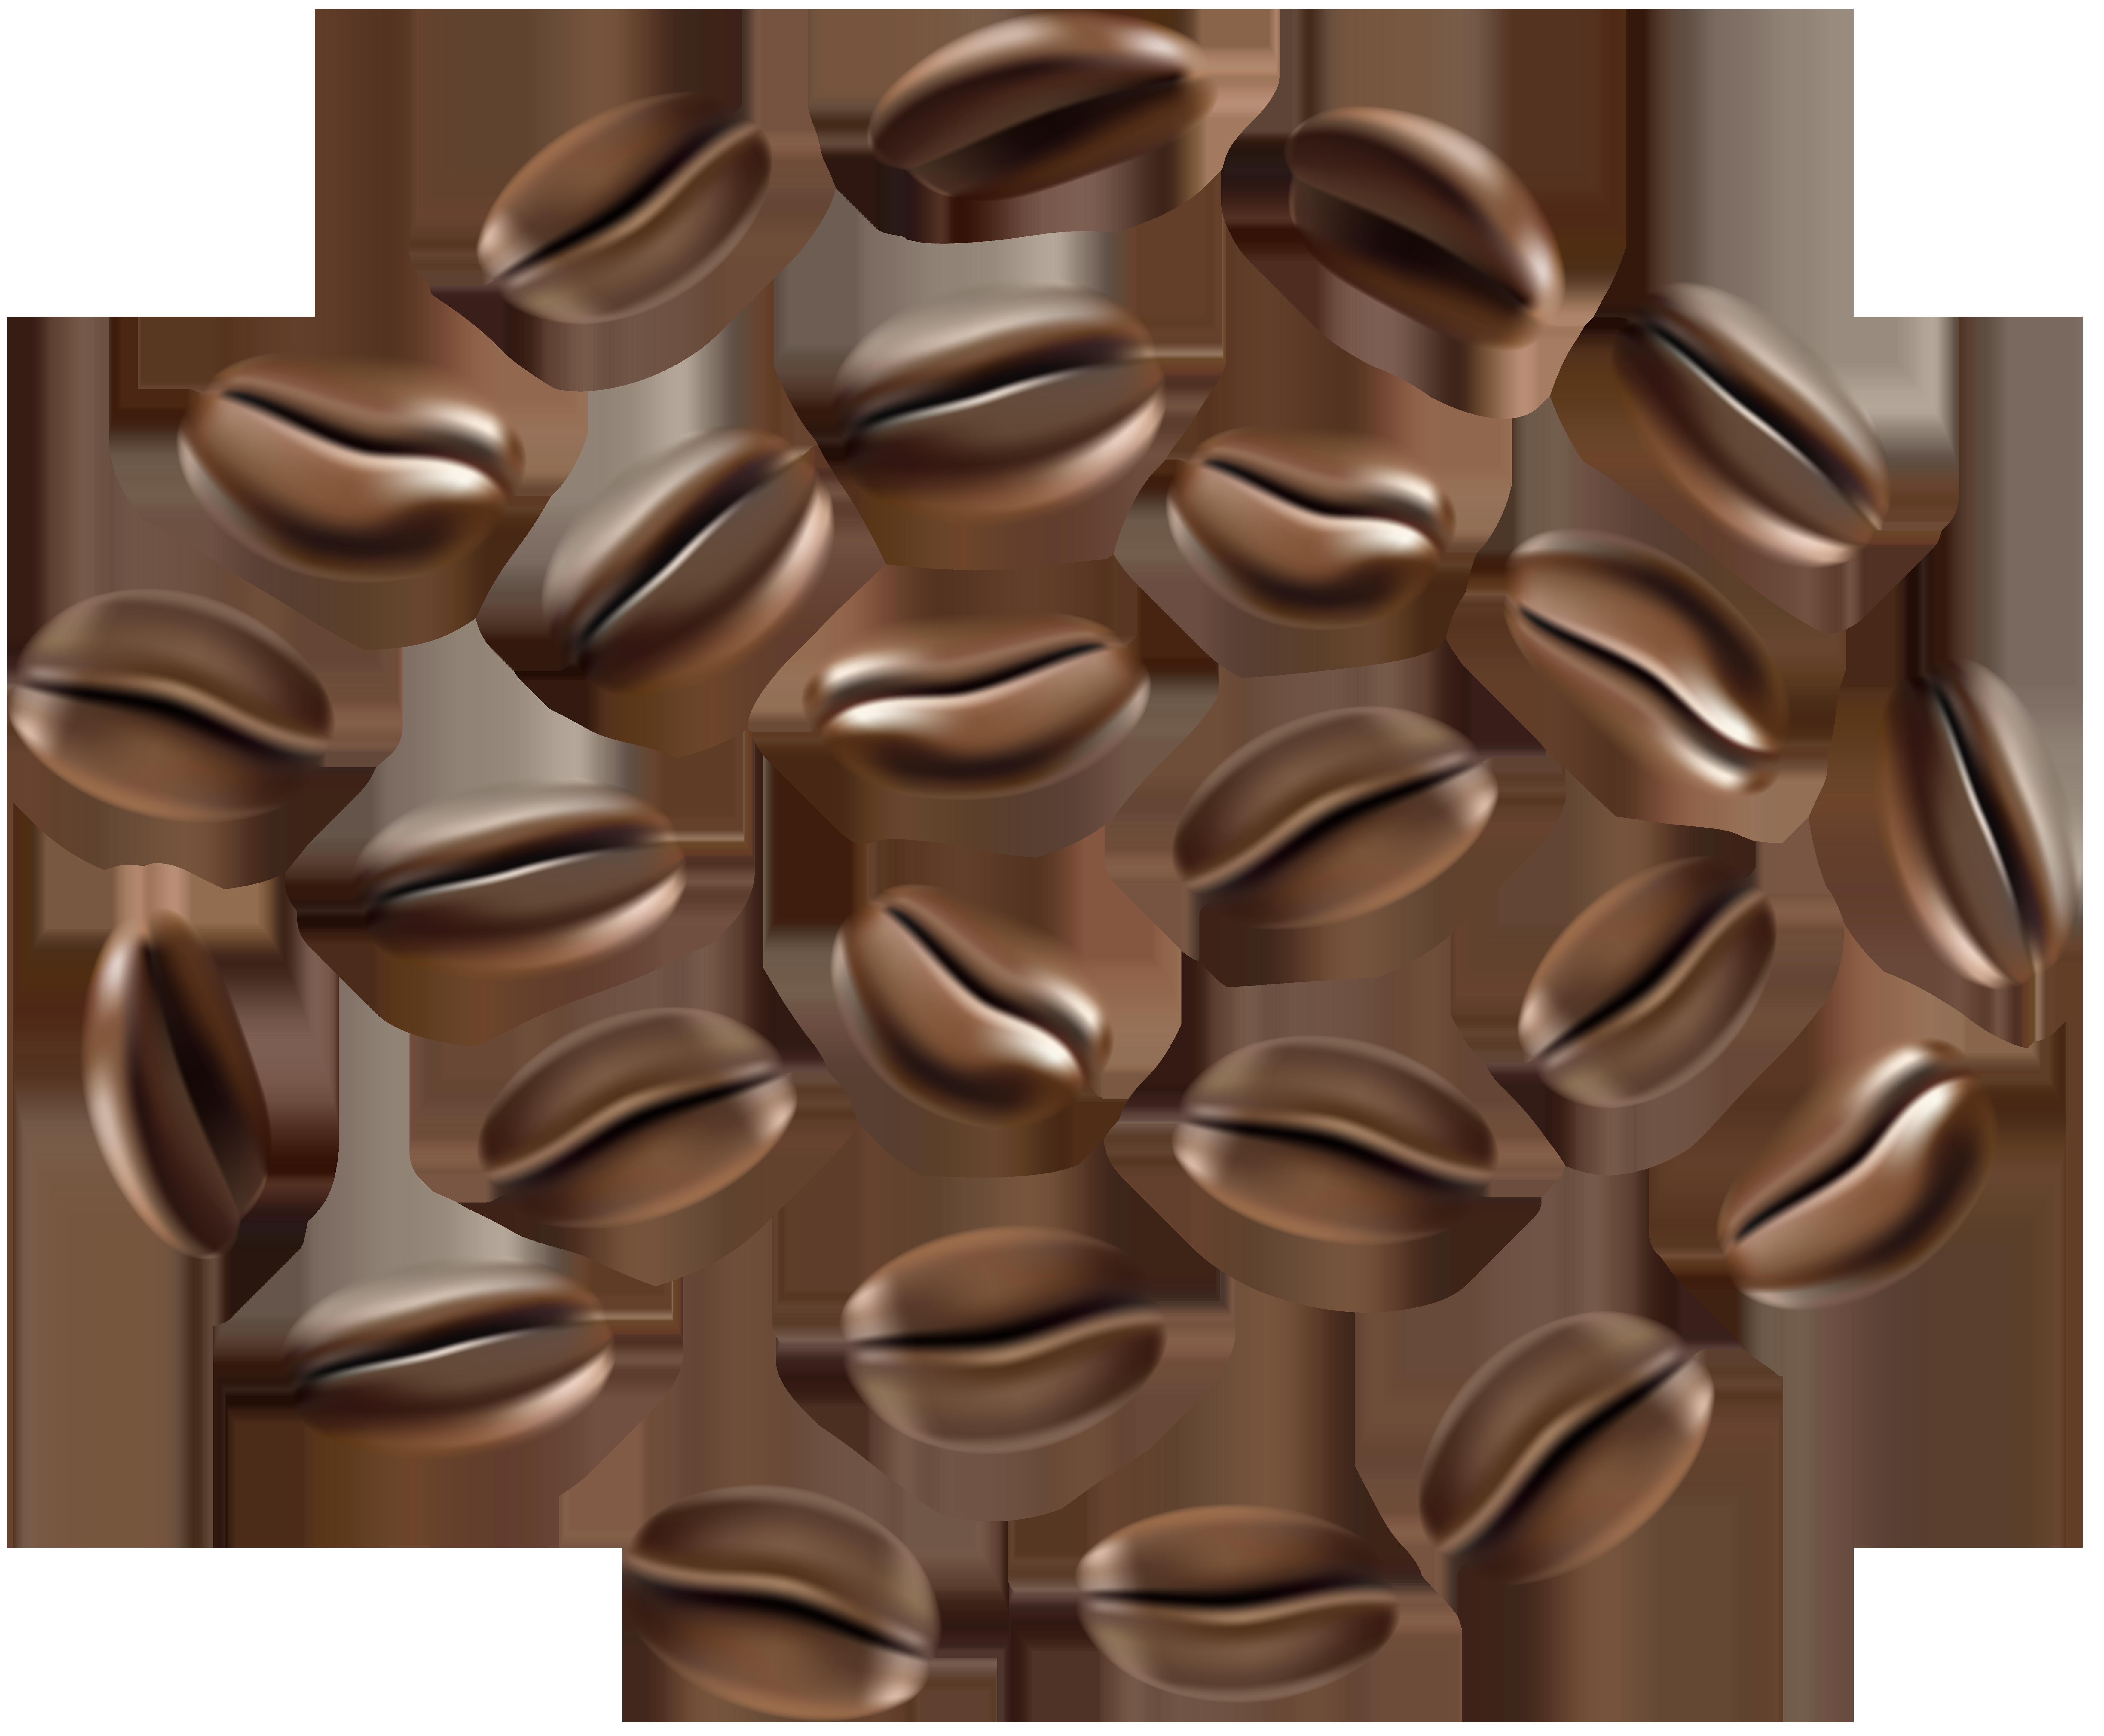 Bean clipart nuts. Coffee beans clip art